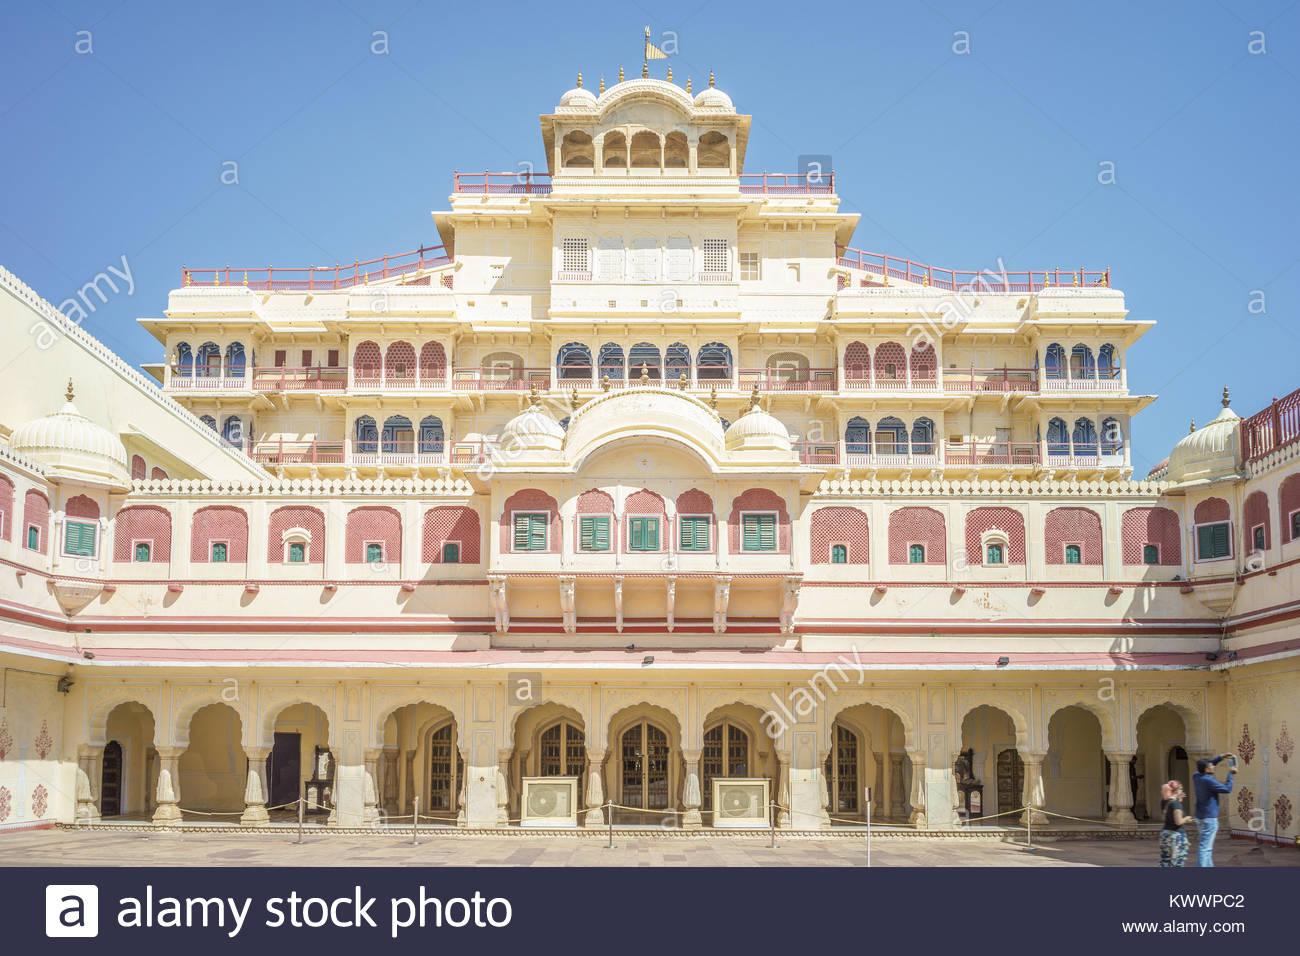 city palace, Jaipur, India - Stock Image